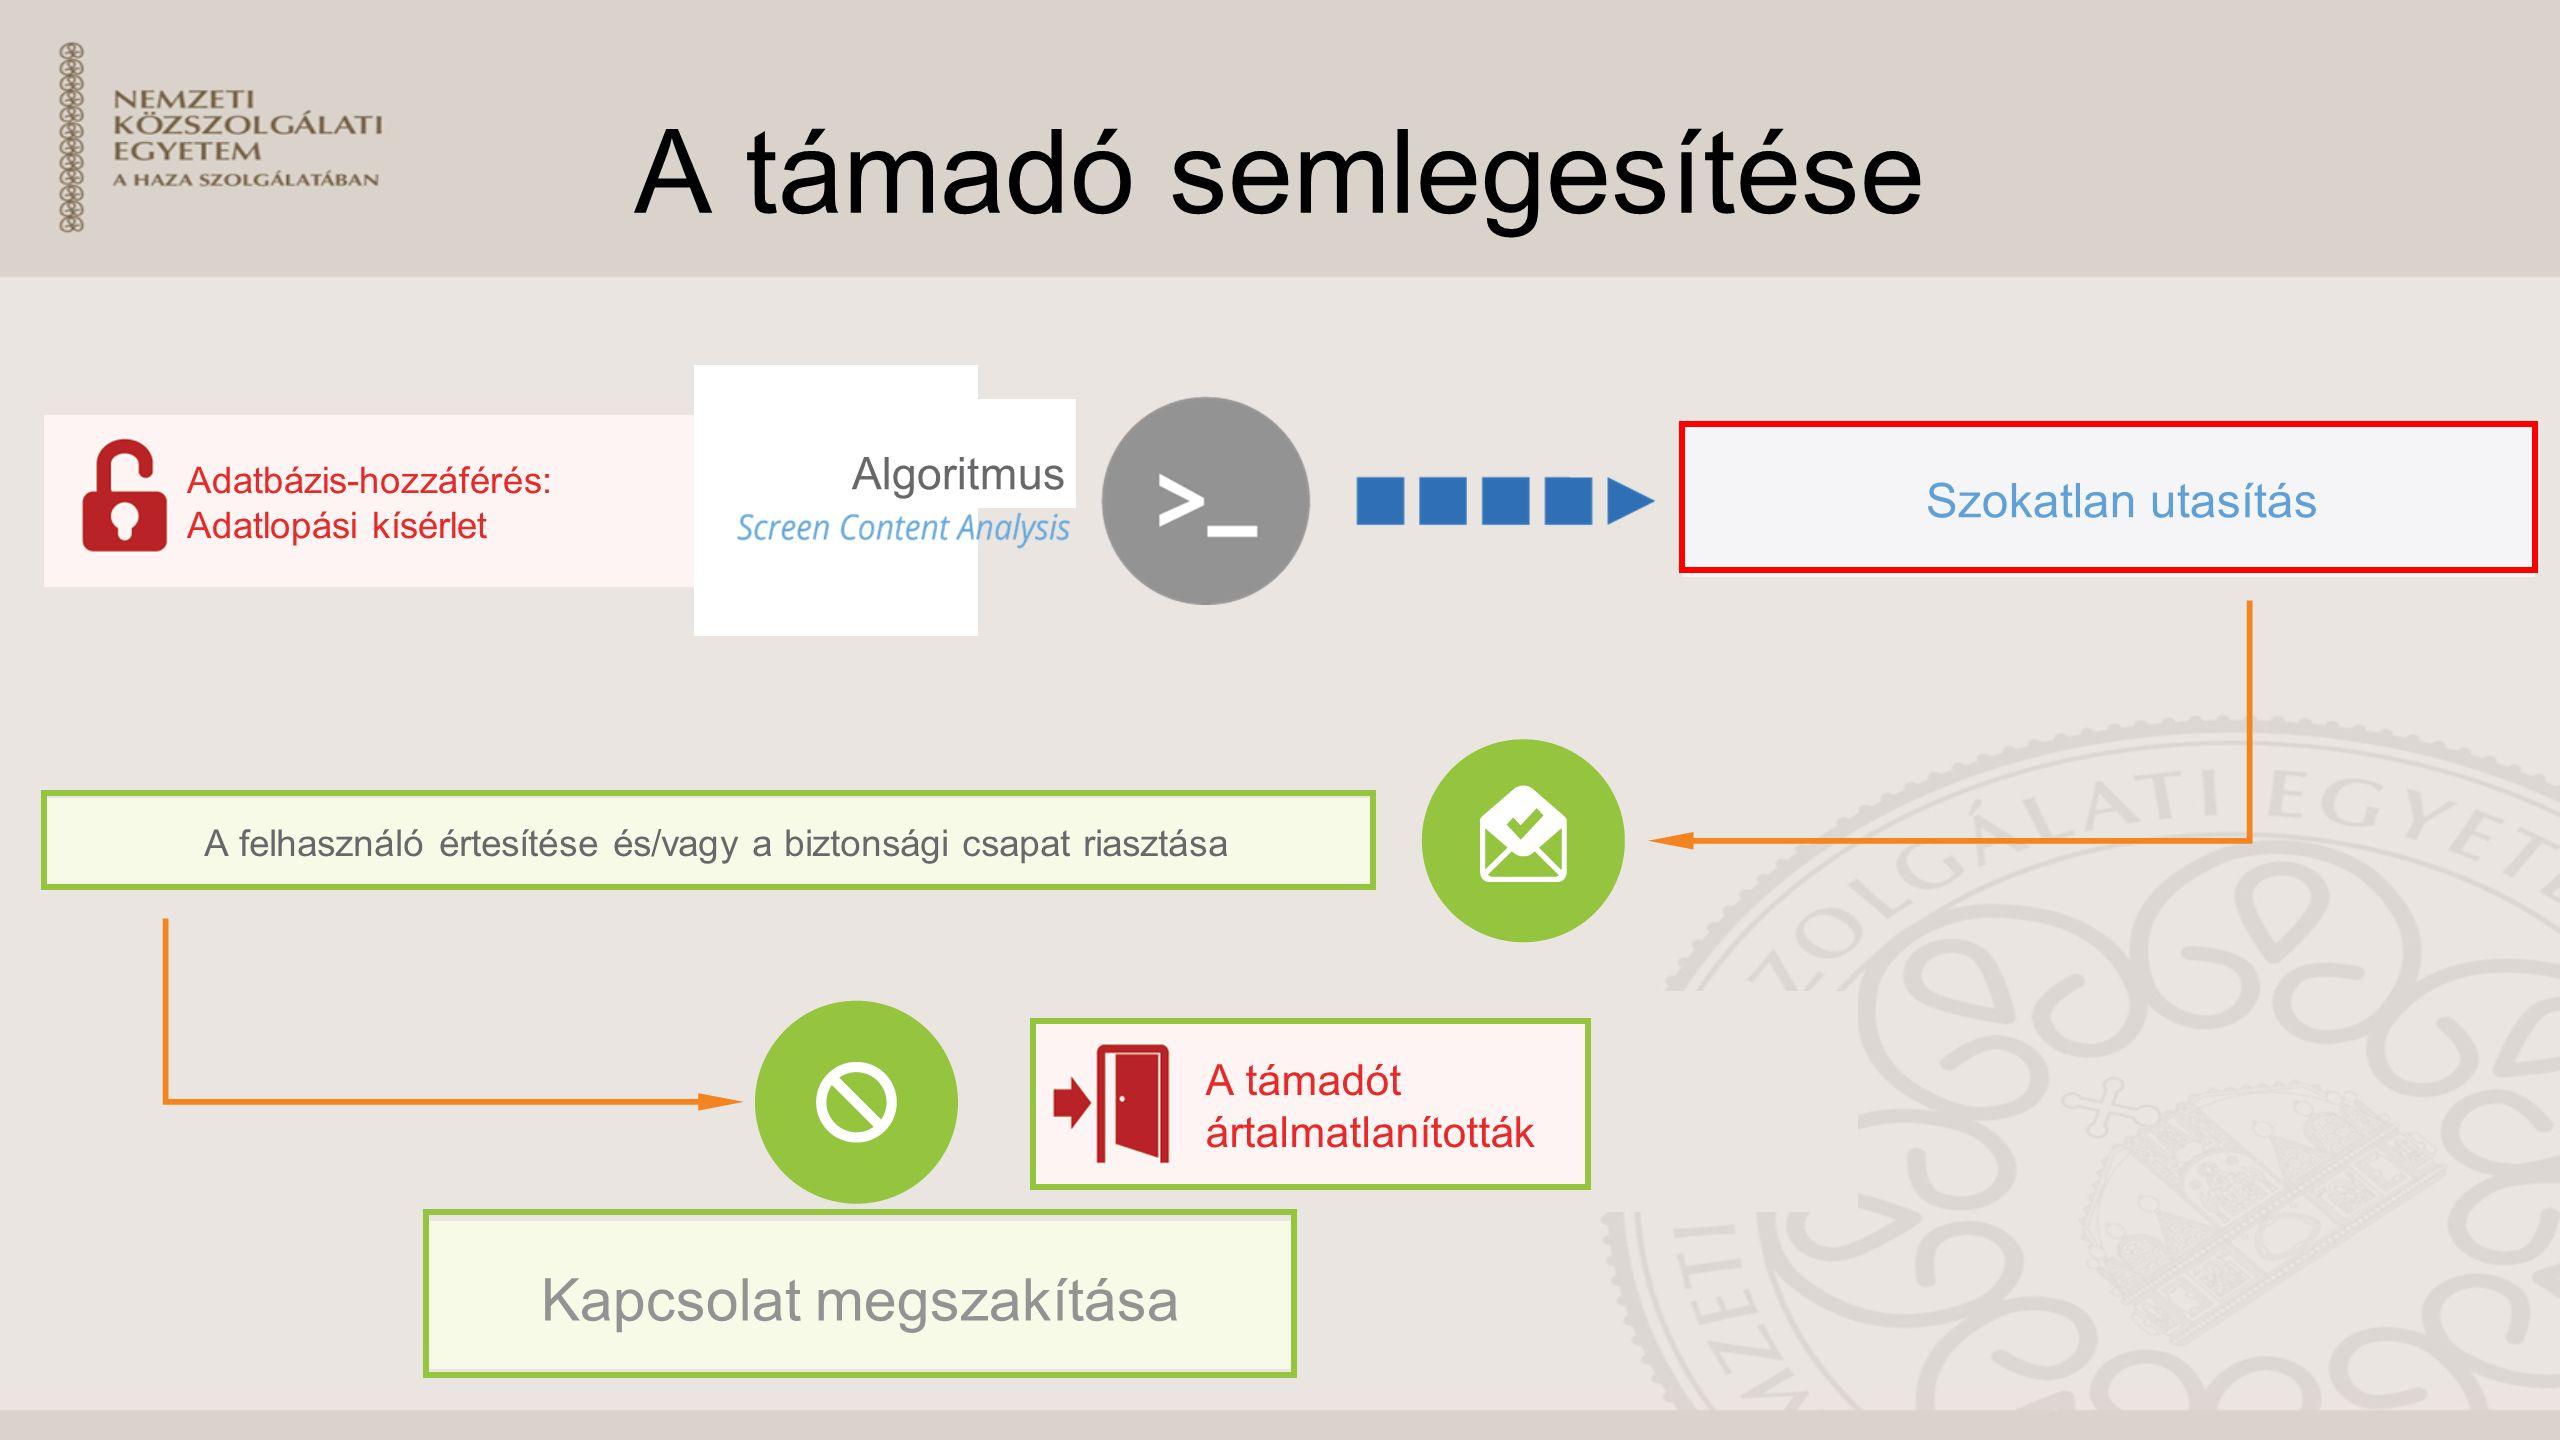 A támadó semlegesítése Kapcsolat megszakítása A támadót ártalmatlanították A felhasználó értesítése és/vagy a biztonsági csapat riasztása Szokatlan utasítás Adatbázis-hozzáférés: Adatlopási kísérlet Algoritmus